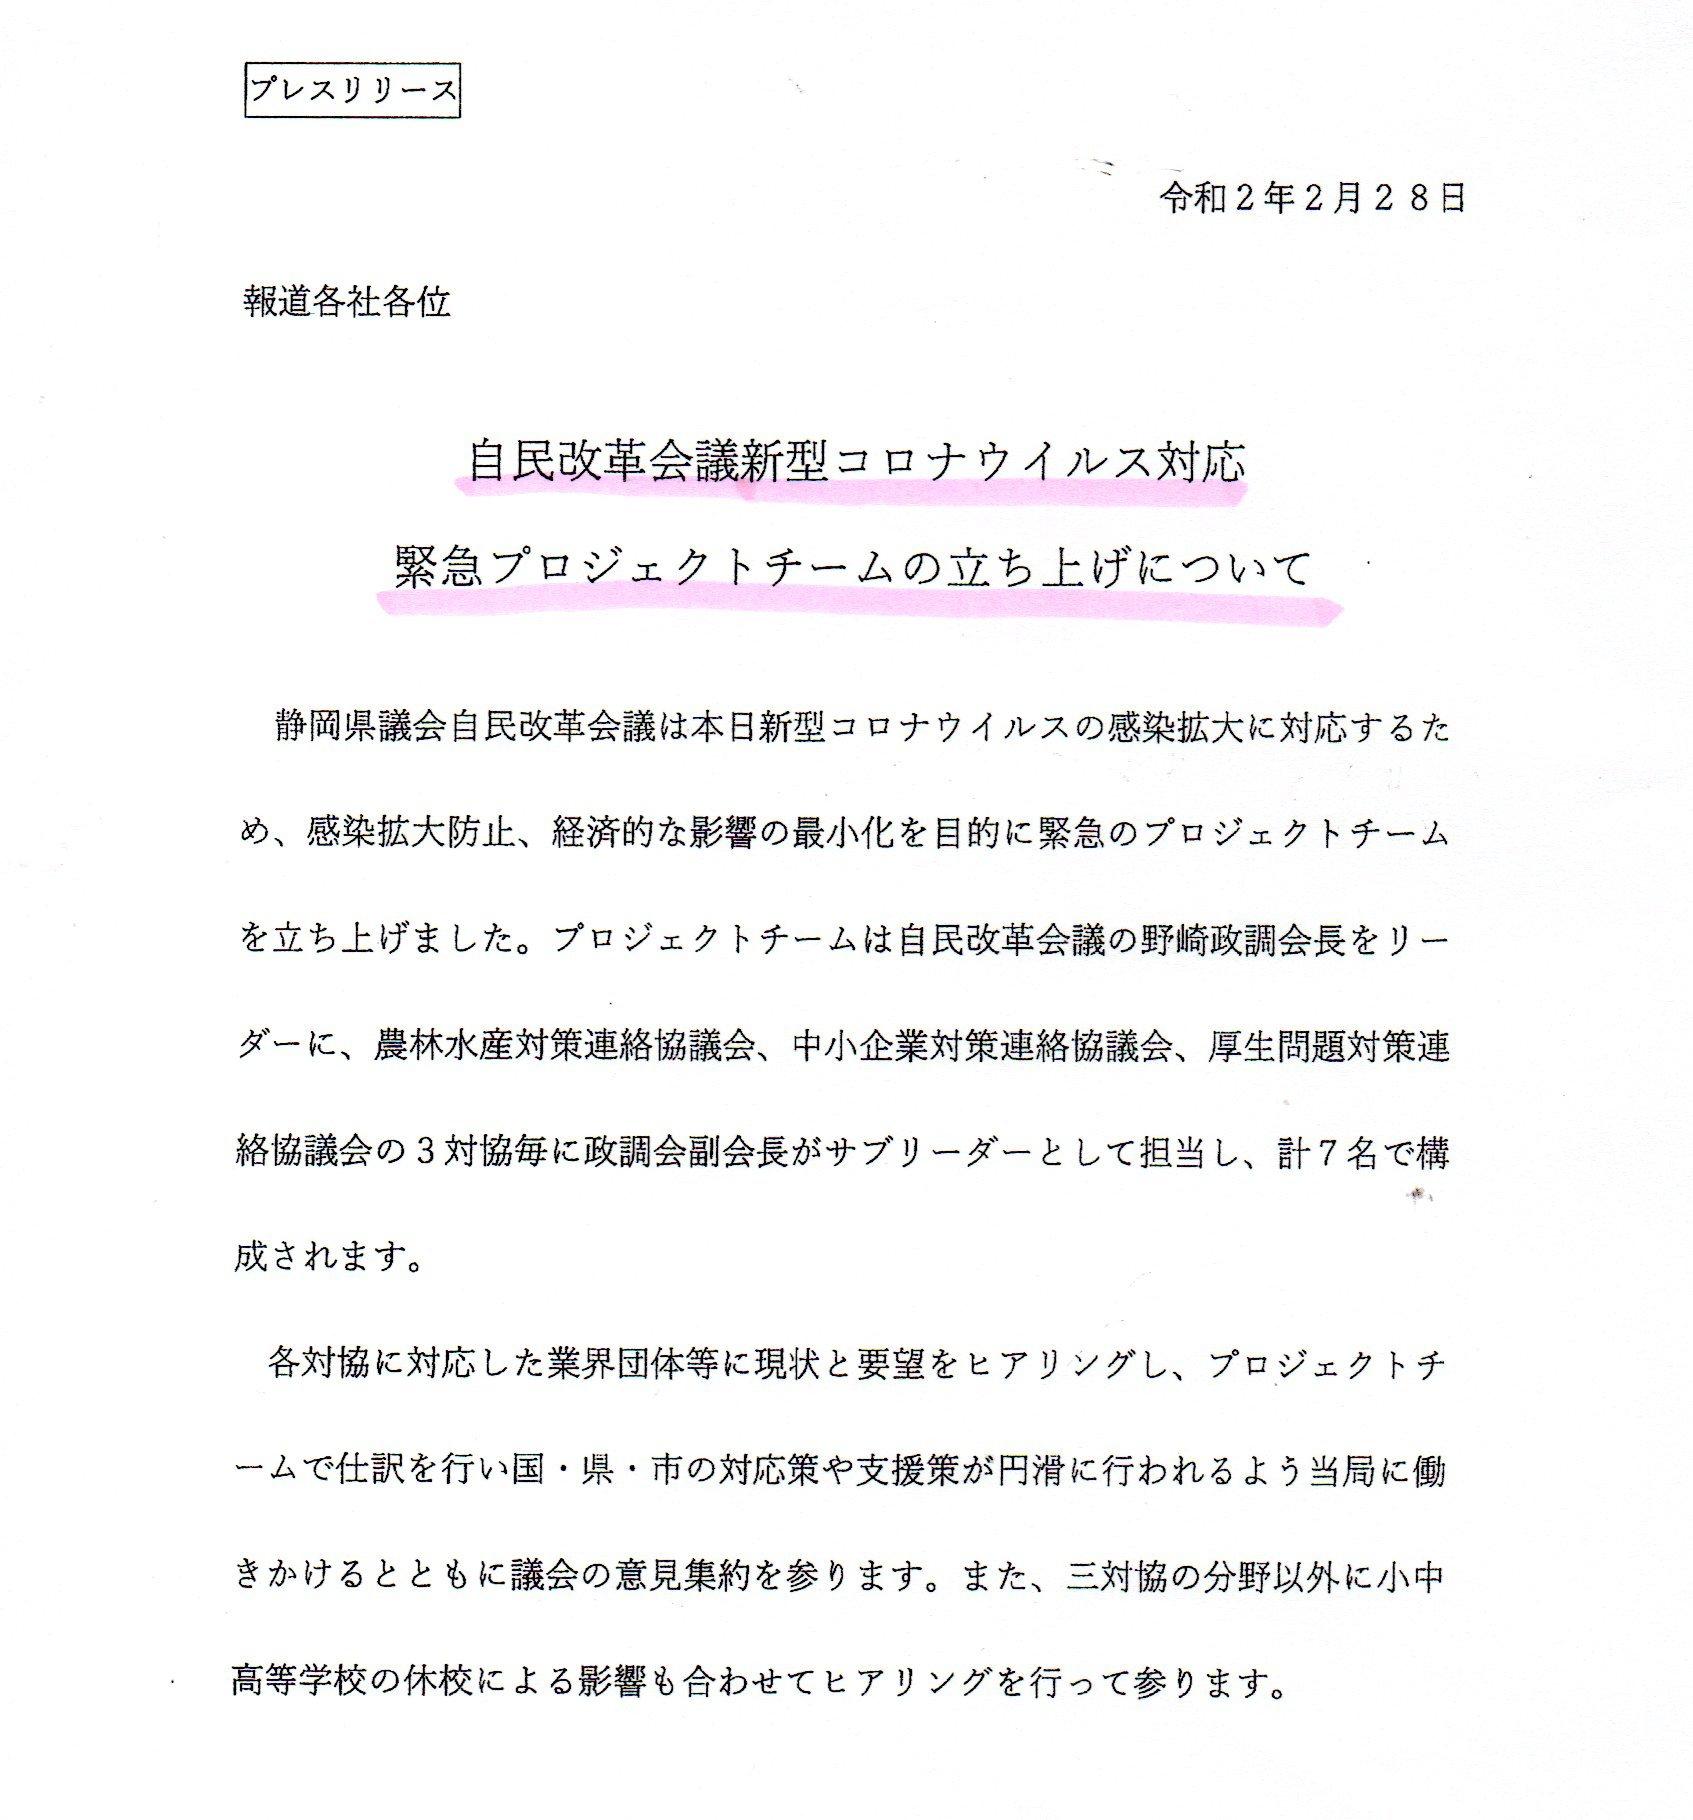 県議会自民改革会議 緊急のプロジェクトチーム立上げ!_d0050503_09200412.jpg